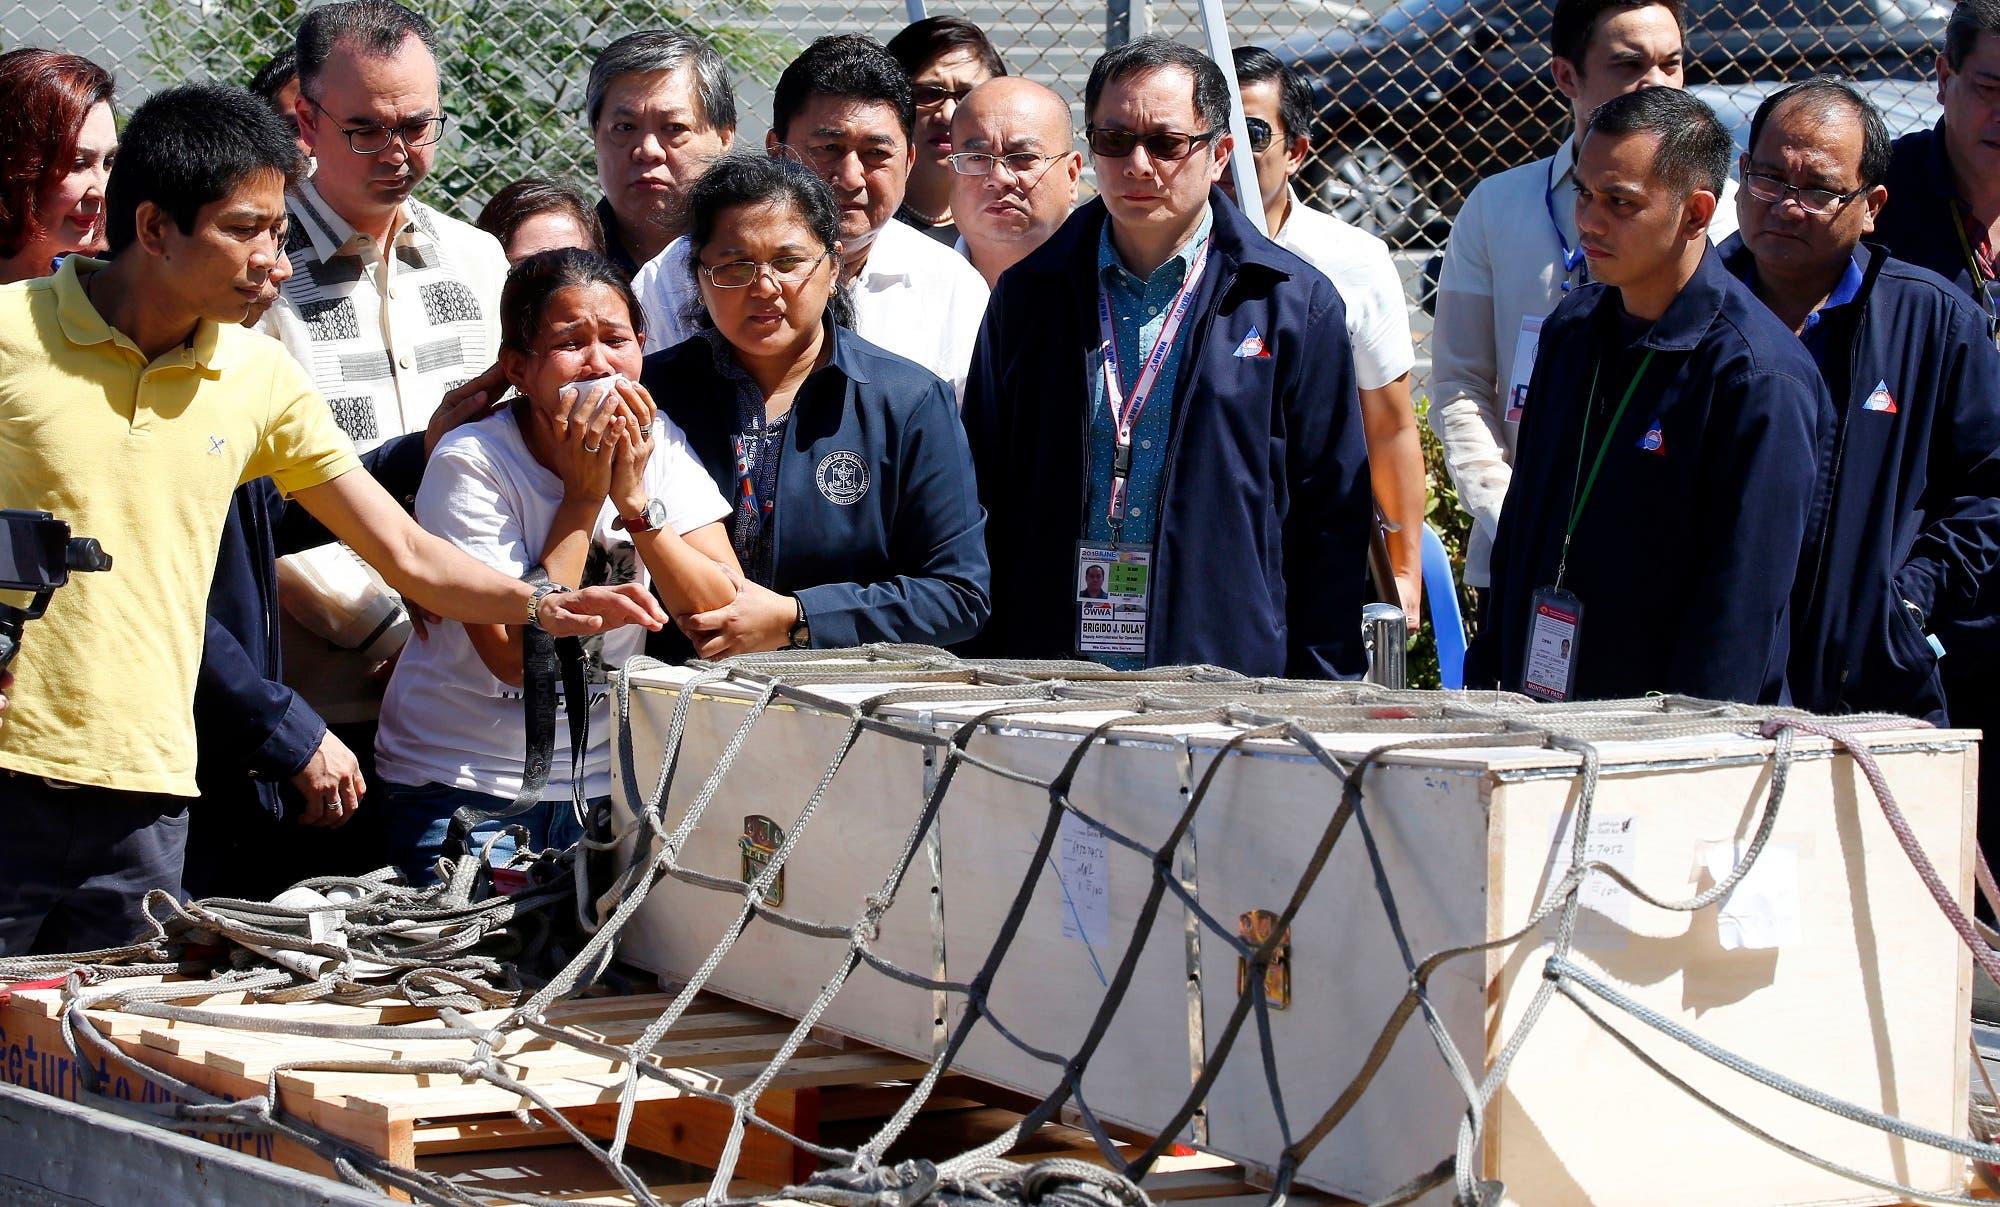 دموع على نعش العاملة الفلبينية